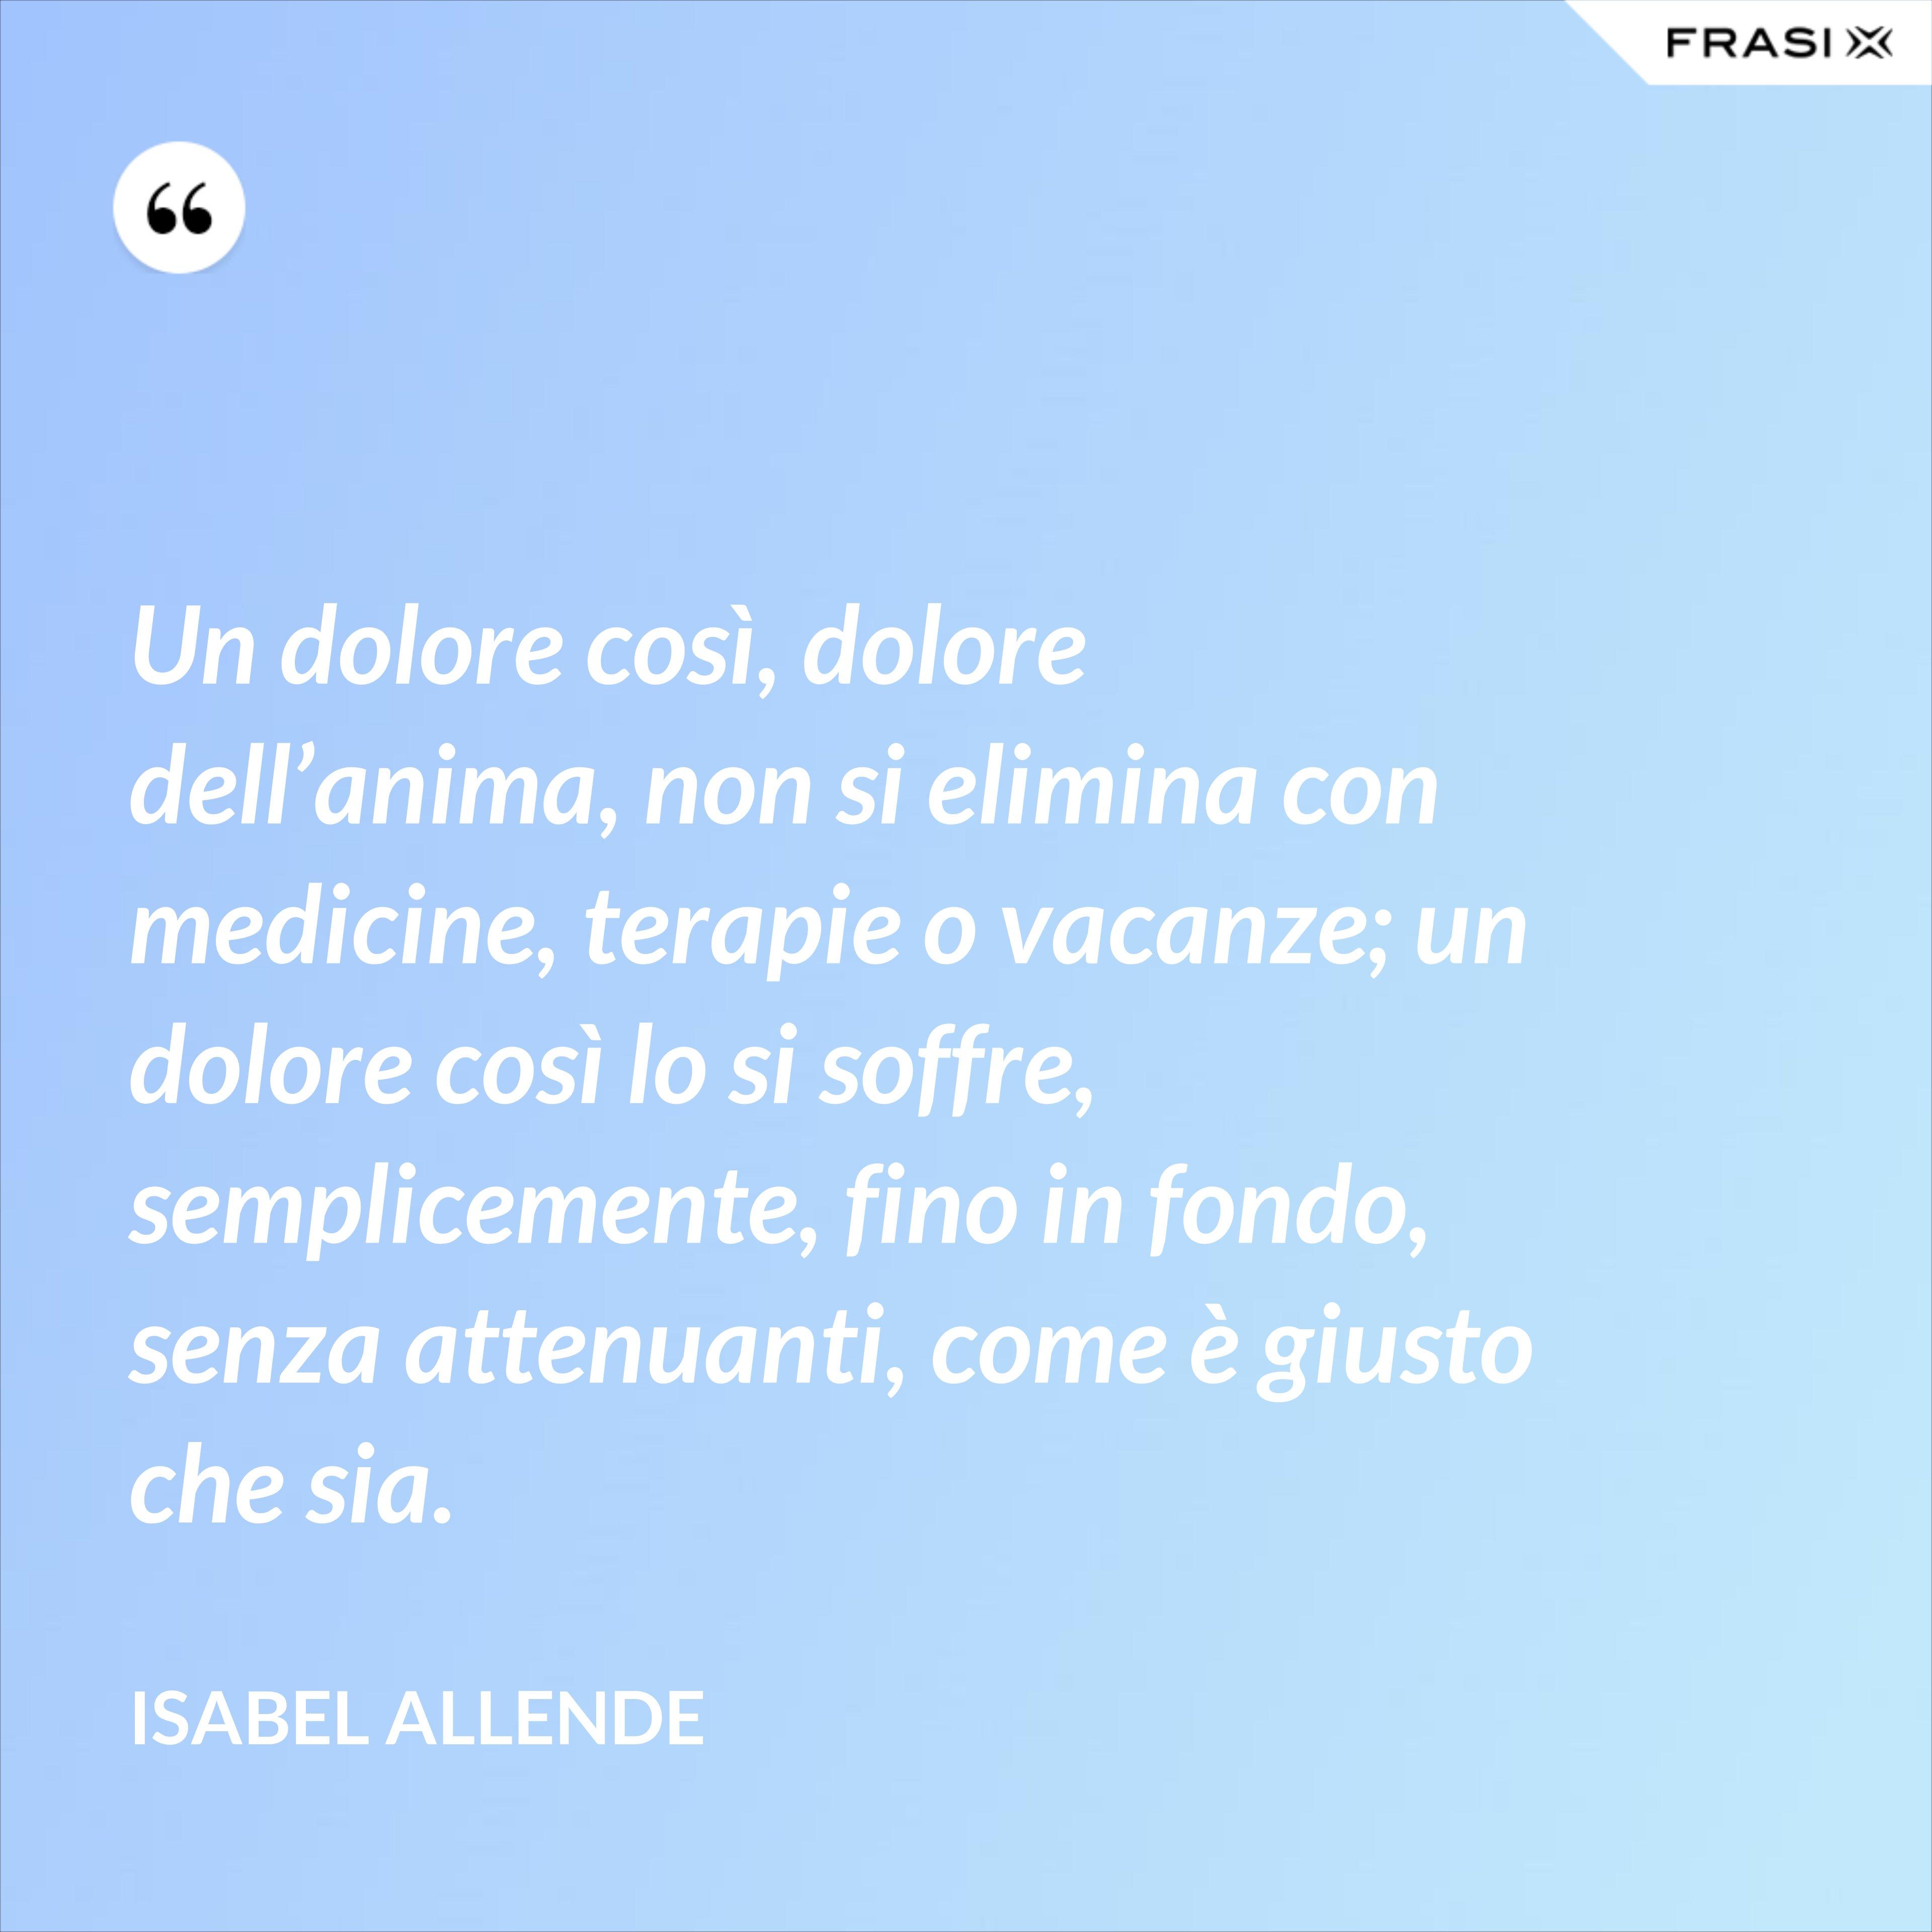 Un dolore così, dolore dell'anima, non si elimina con medicine, terapie o vacanze; un dolore così lo si soffre, semplicemente, fino in fondo, senza attenuanti, come è giusto che sia. - Isabel Allende